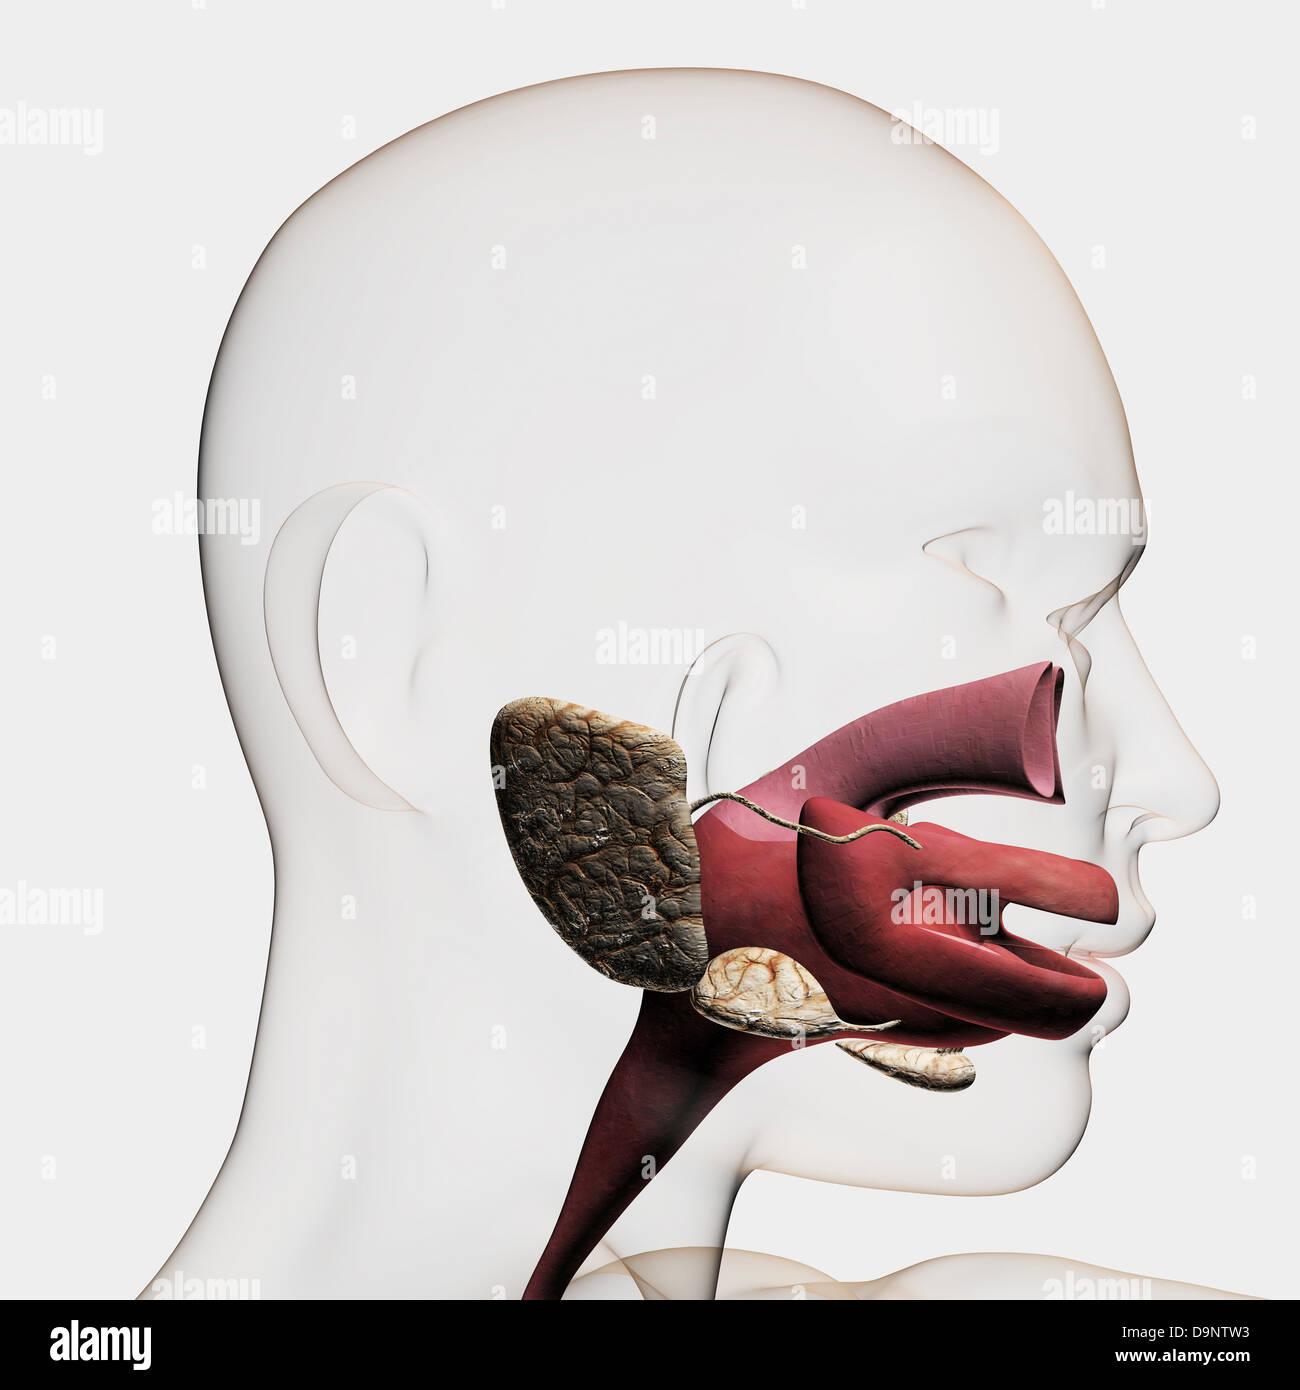 Ungewöhnlich Verdauungssystem Mund Bilder - Menschliche Anatomie ...